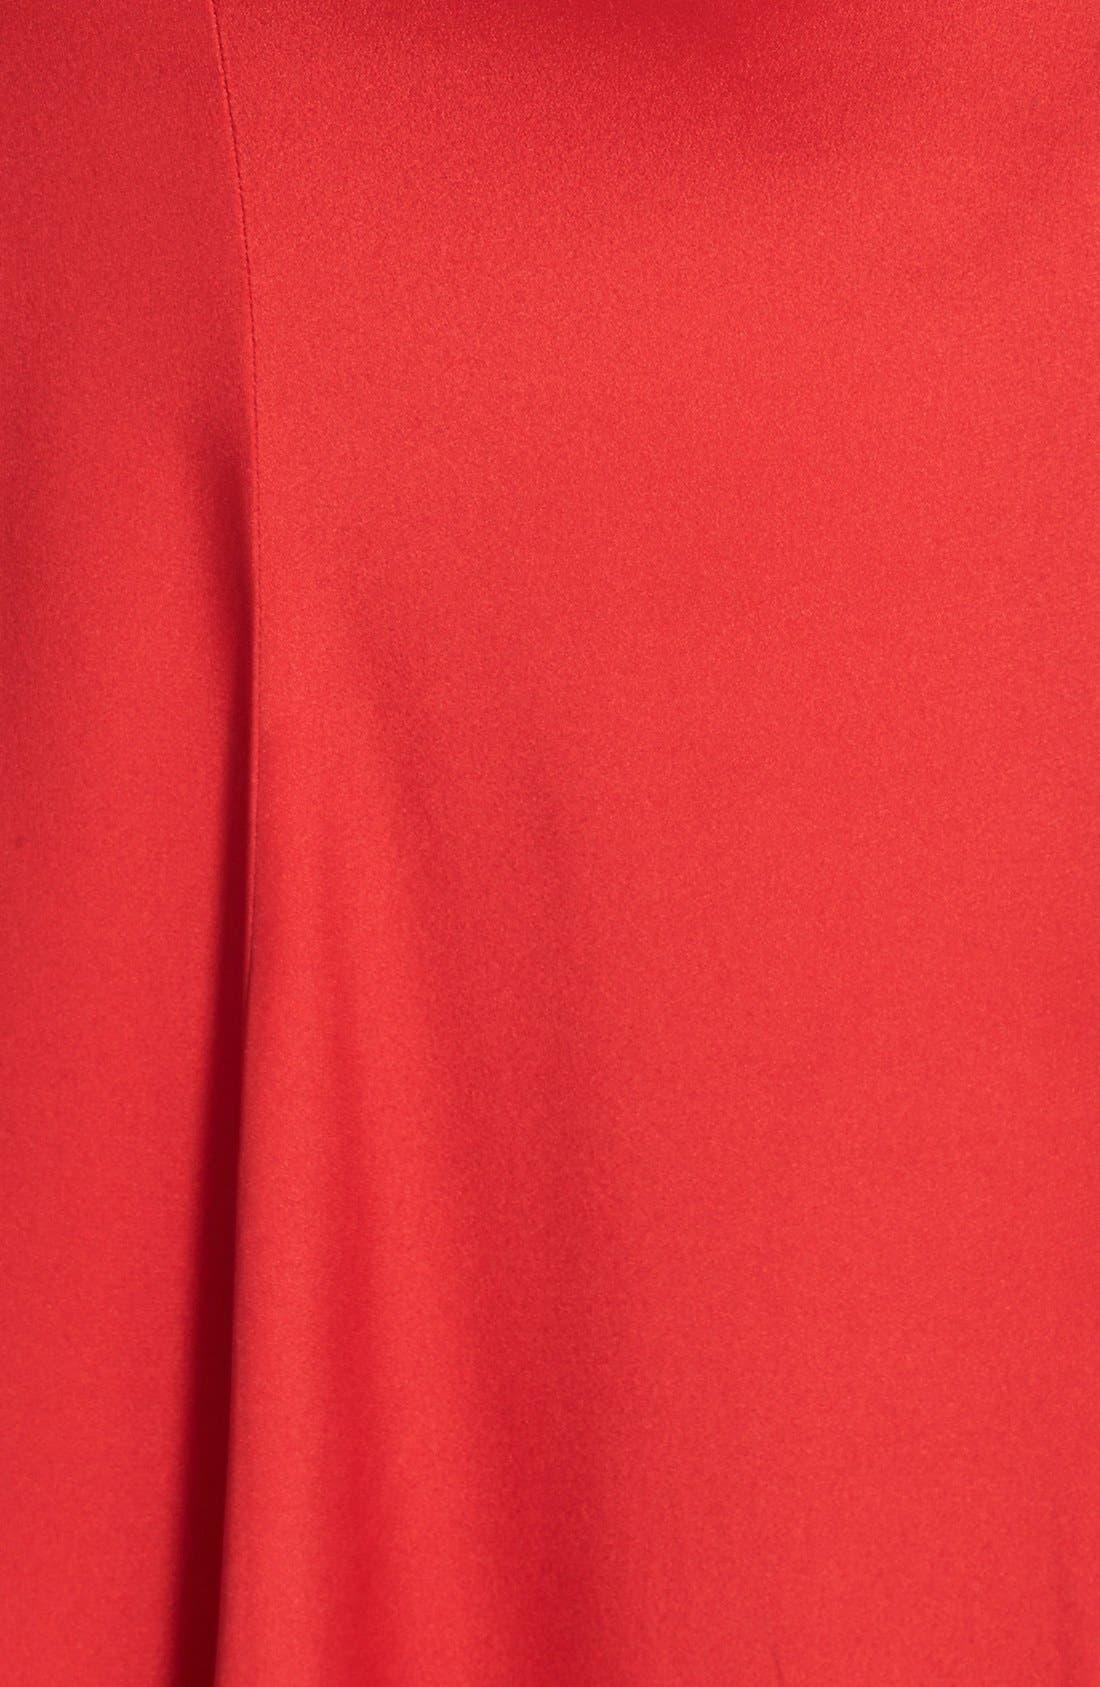 Alternate Image 3  - Jill Jill Stuart Open Back Deep V-Neck Crepe Gown